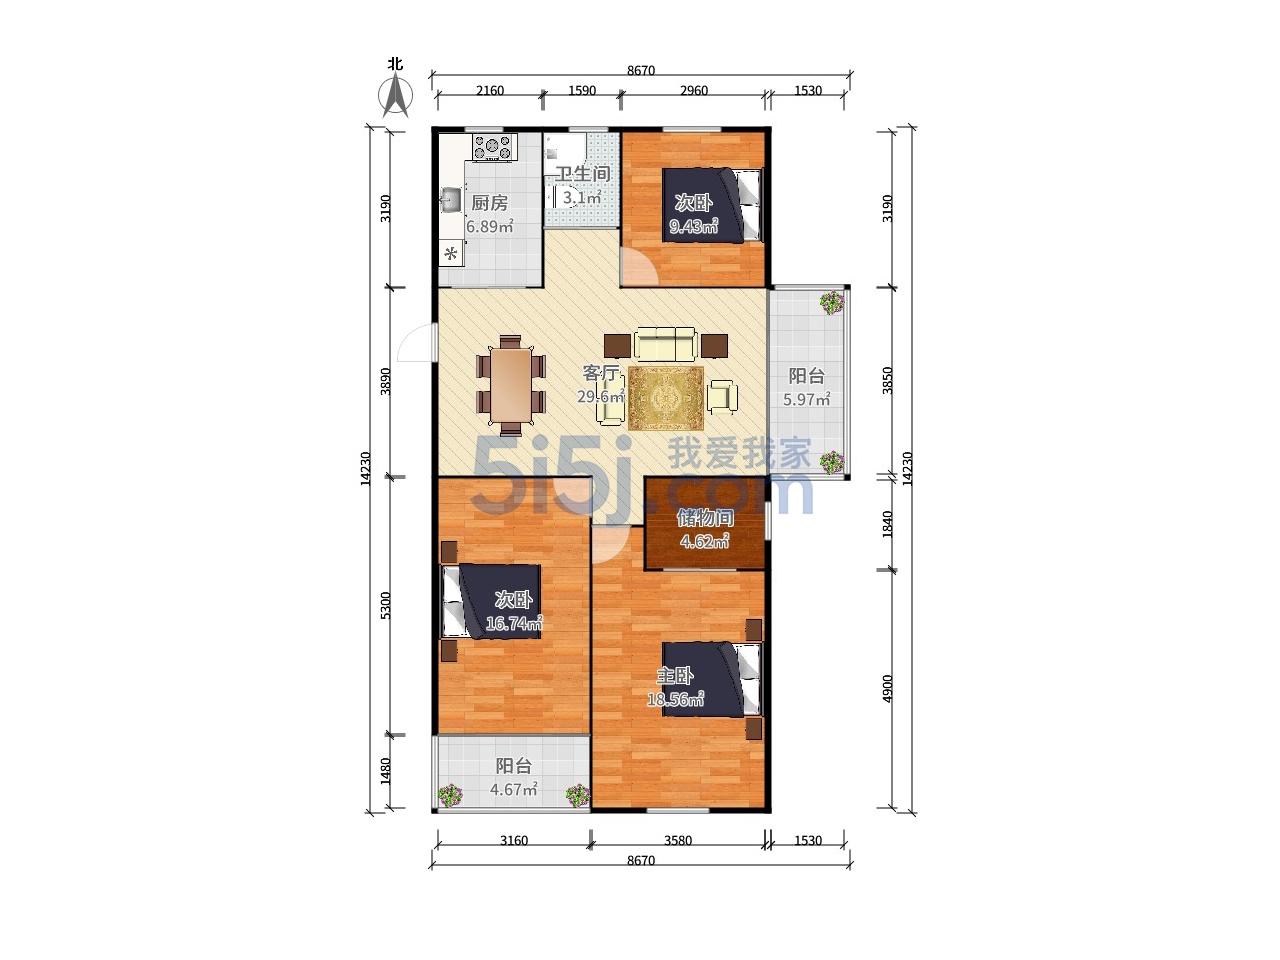 玄武区卫岗美林东苑3室2厅户型图